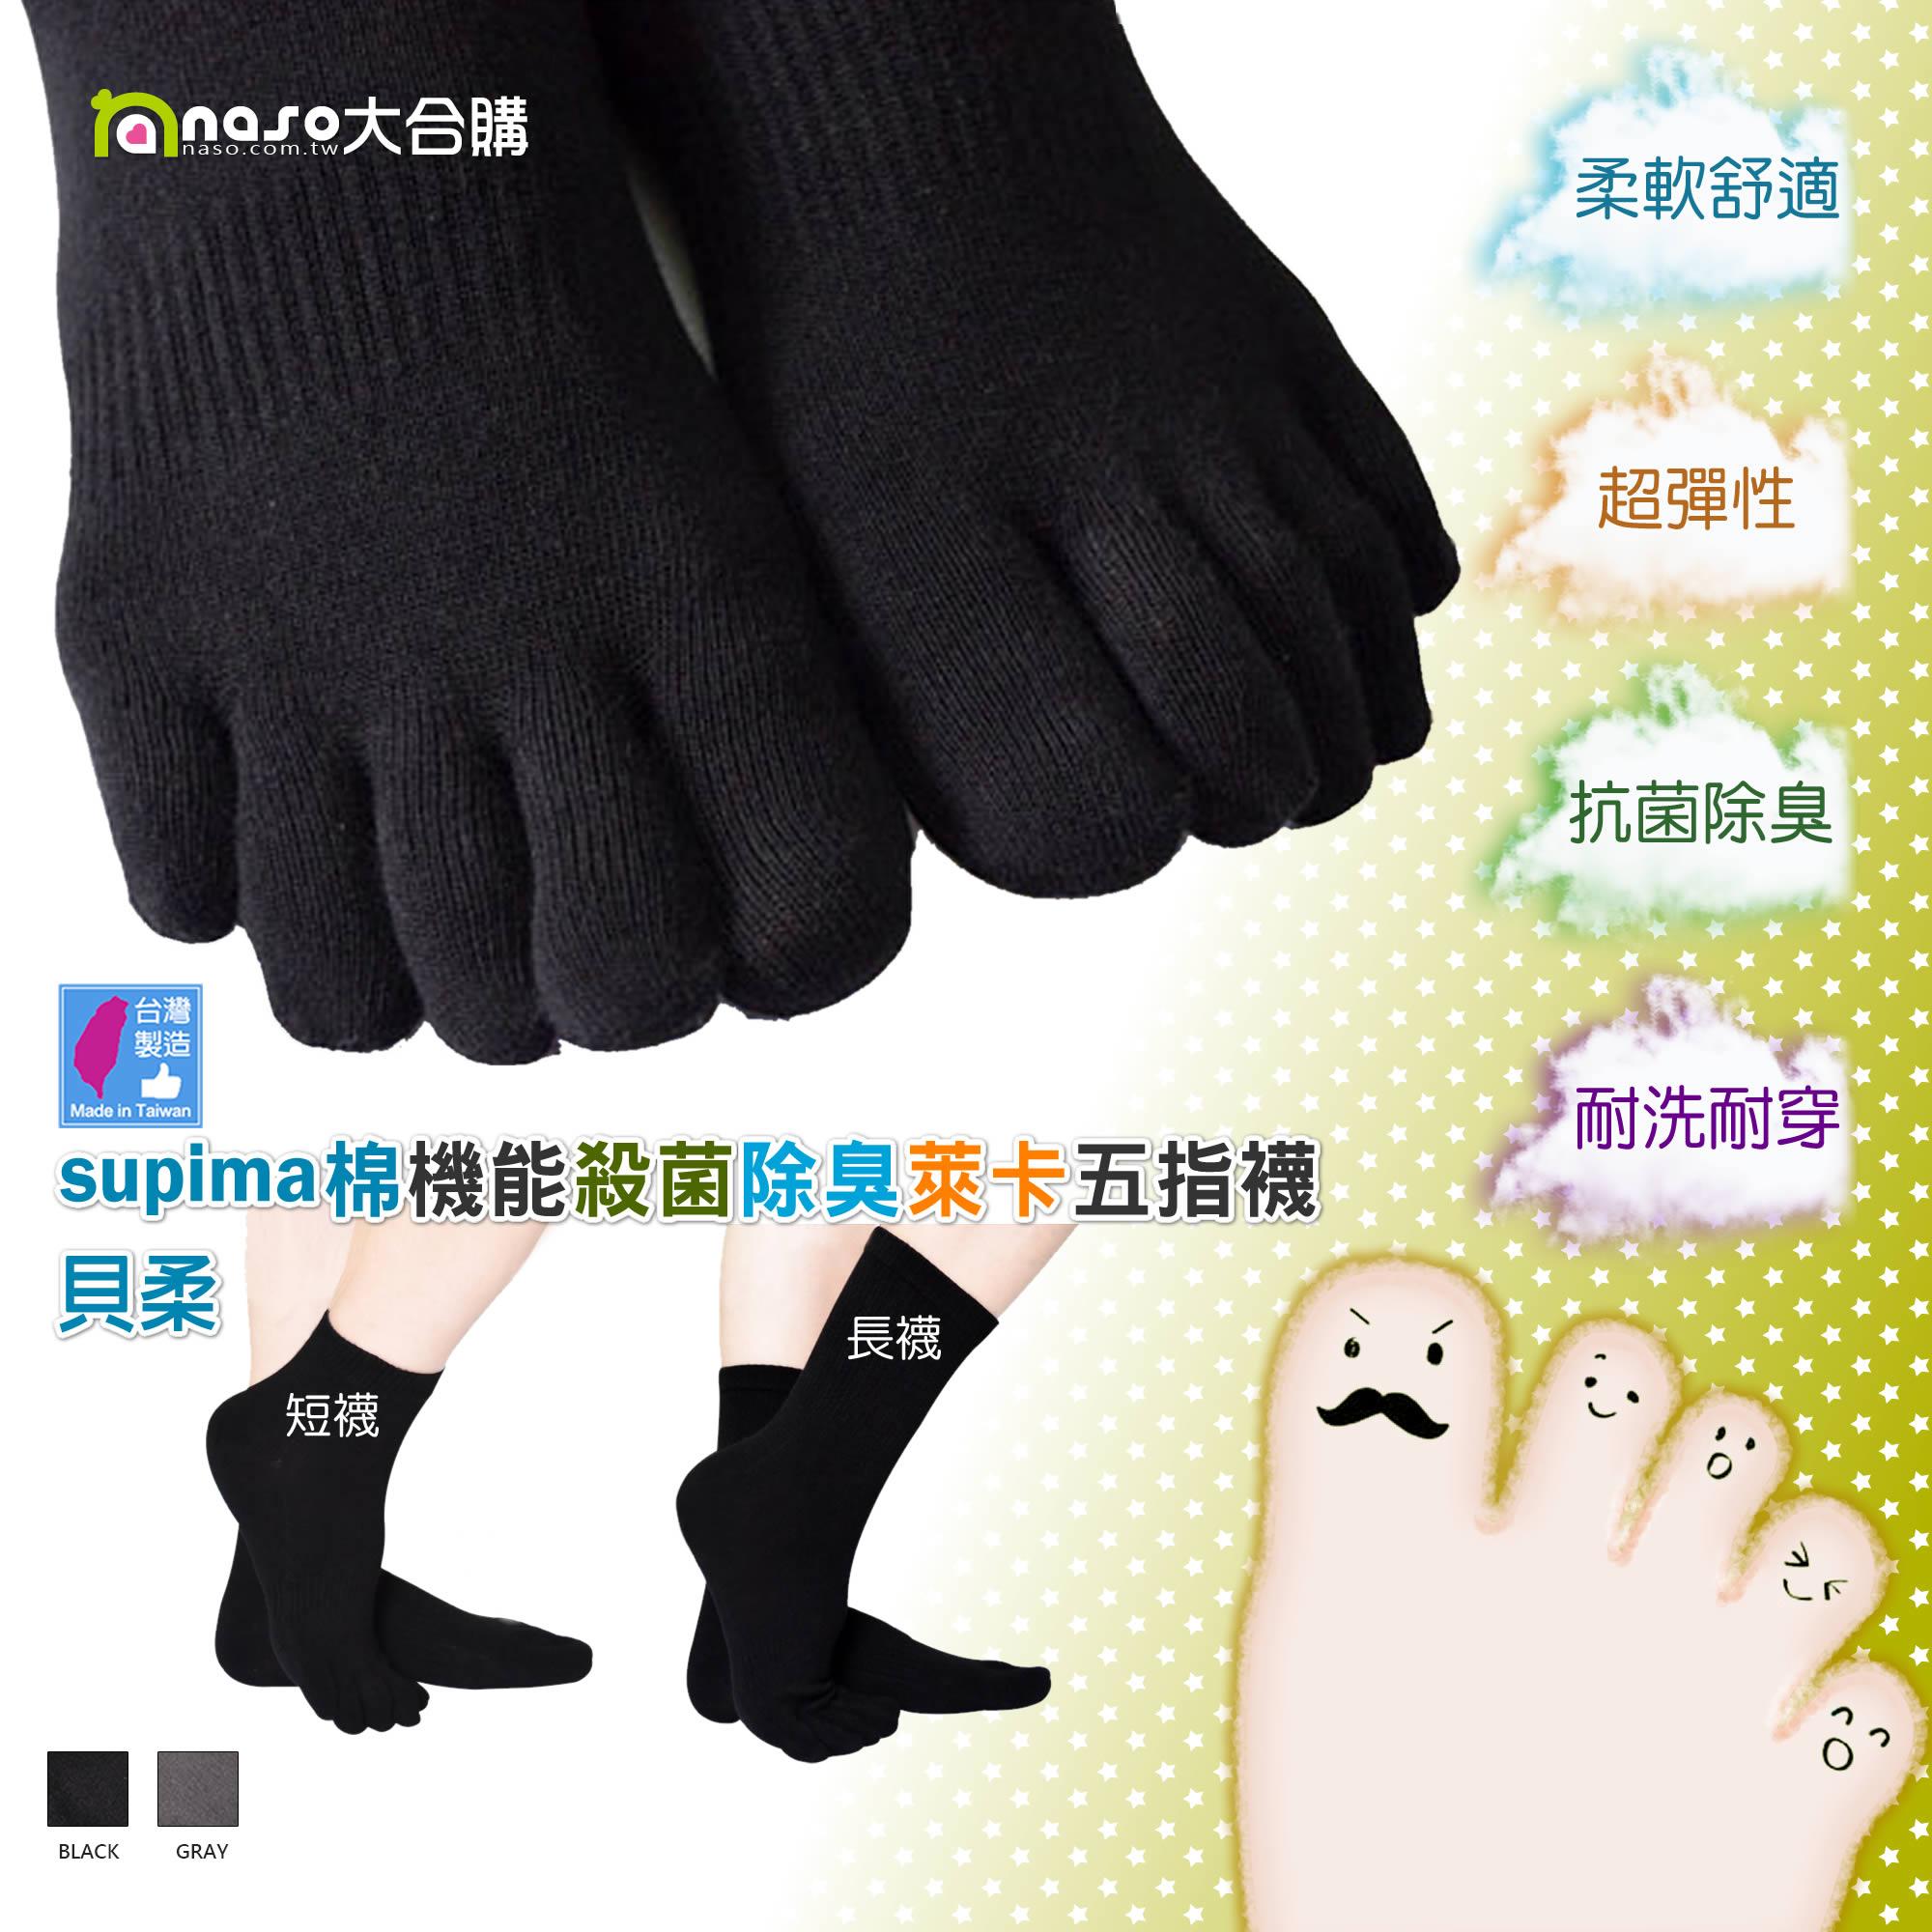 【台灣製造】貝柔 Supima機能殺菌除臭萊卡五指襪 好評第4團